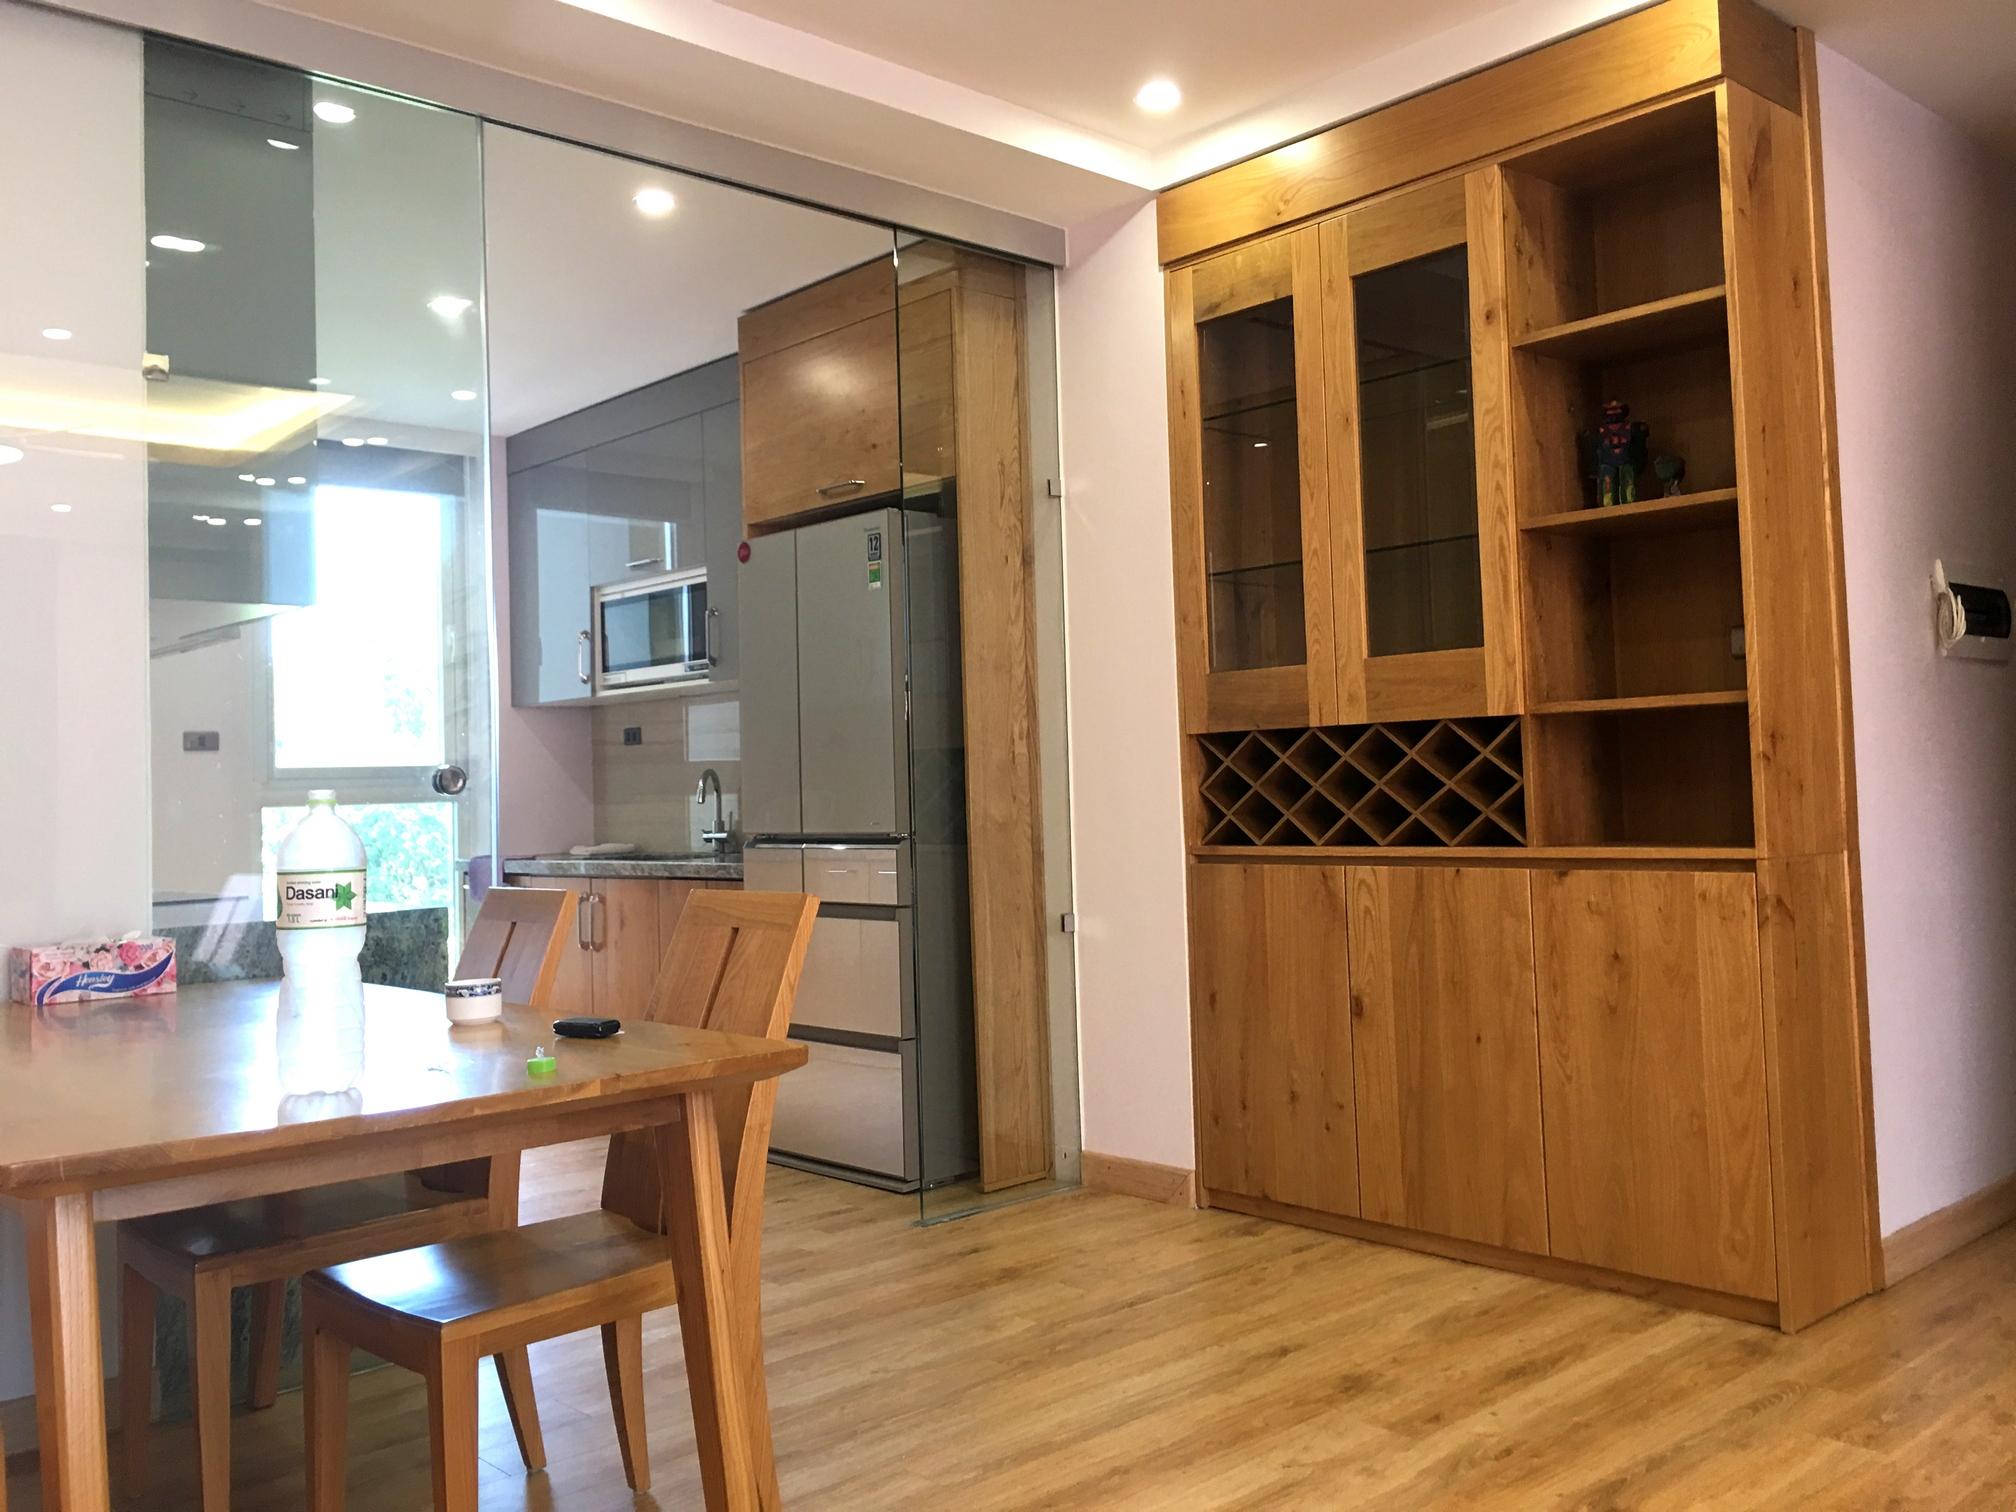 Khám phá nội thất phòng khách và bếp ăn với gỗ sồi tự nhiên